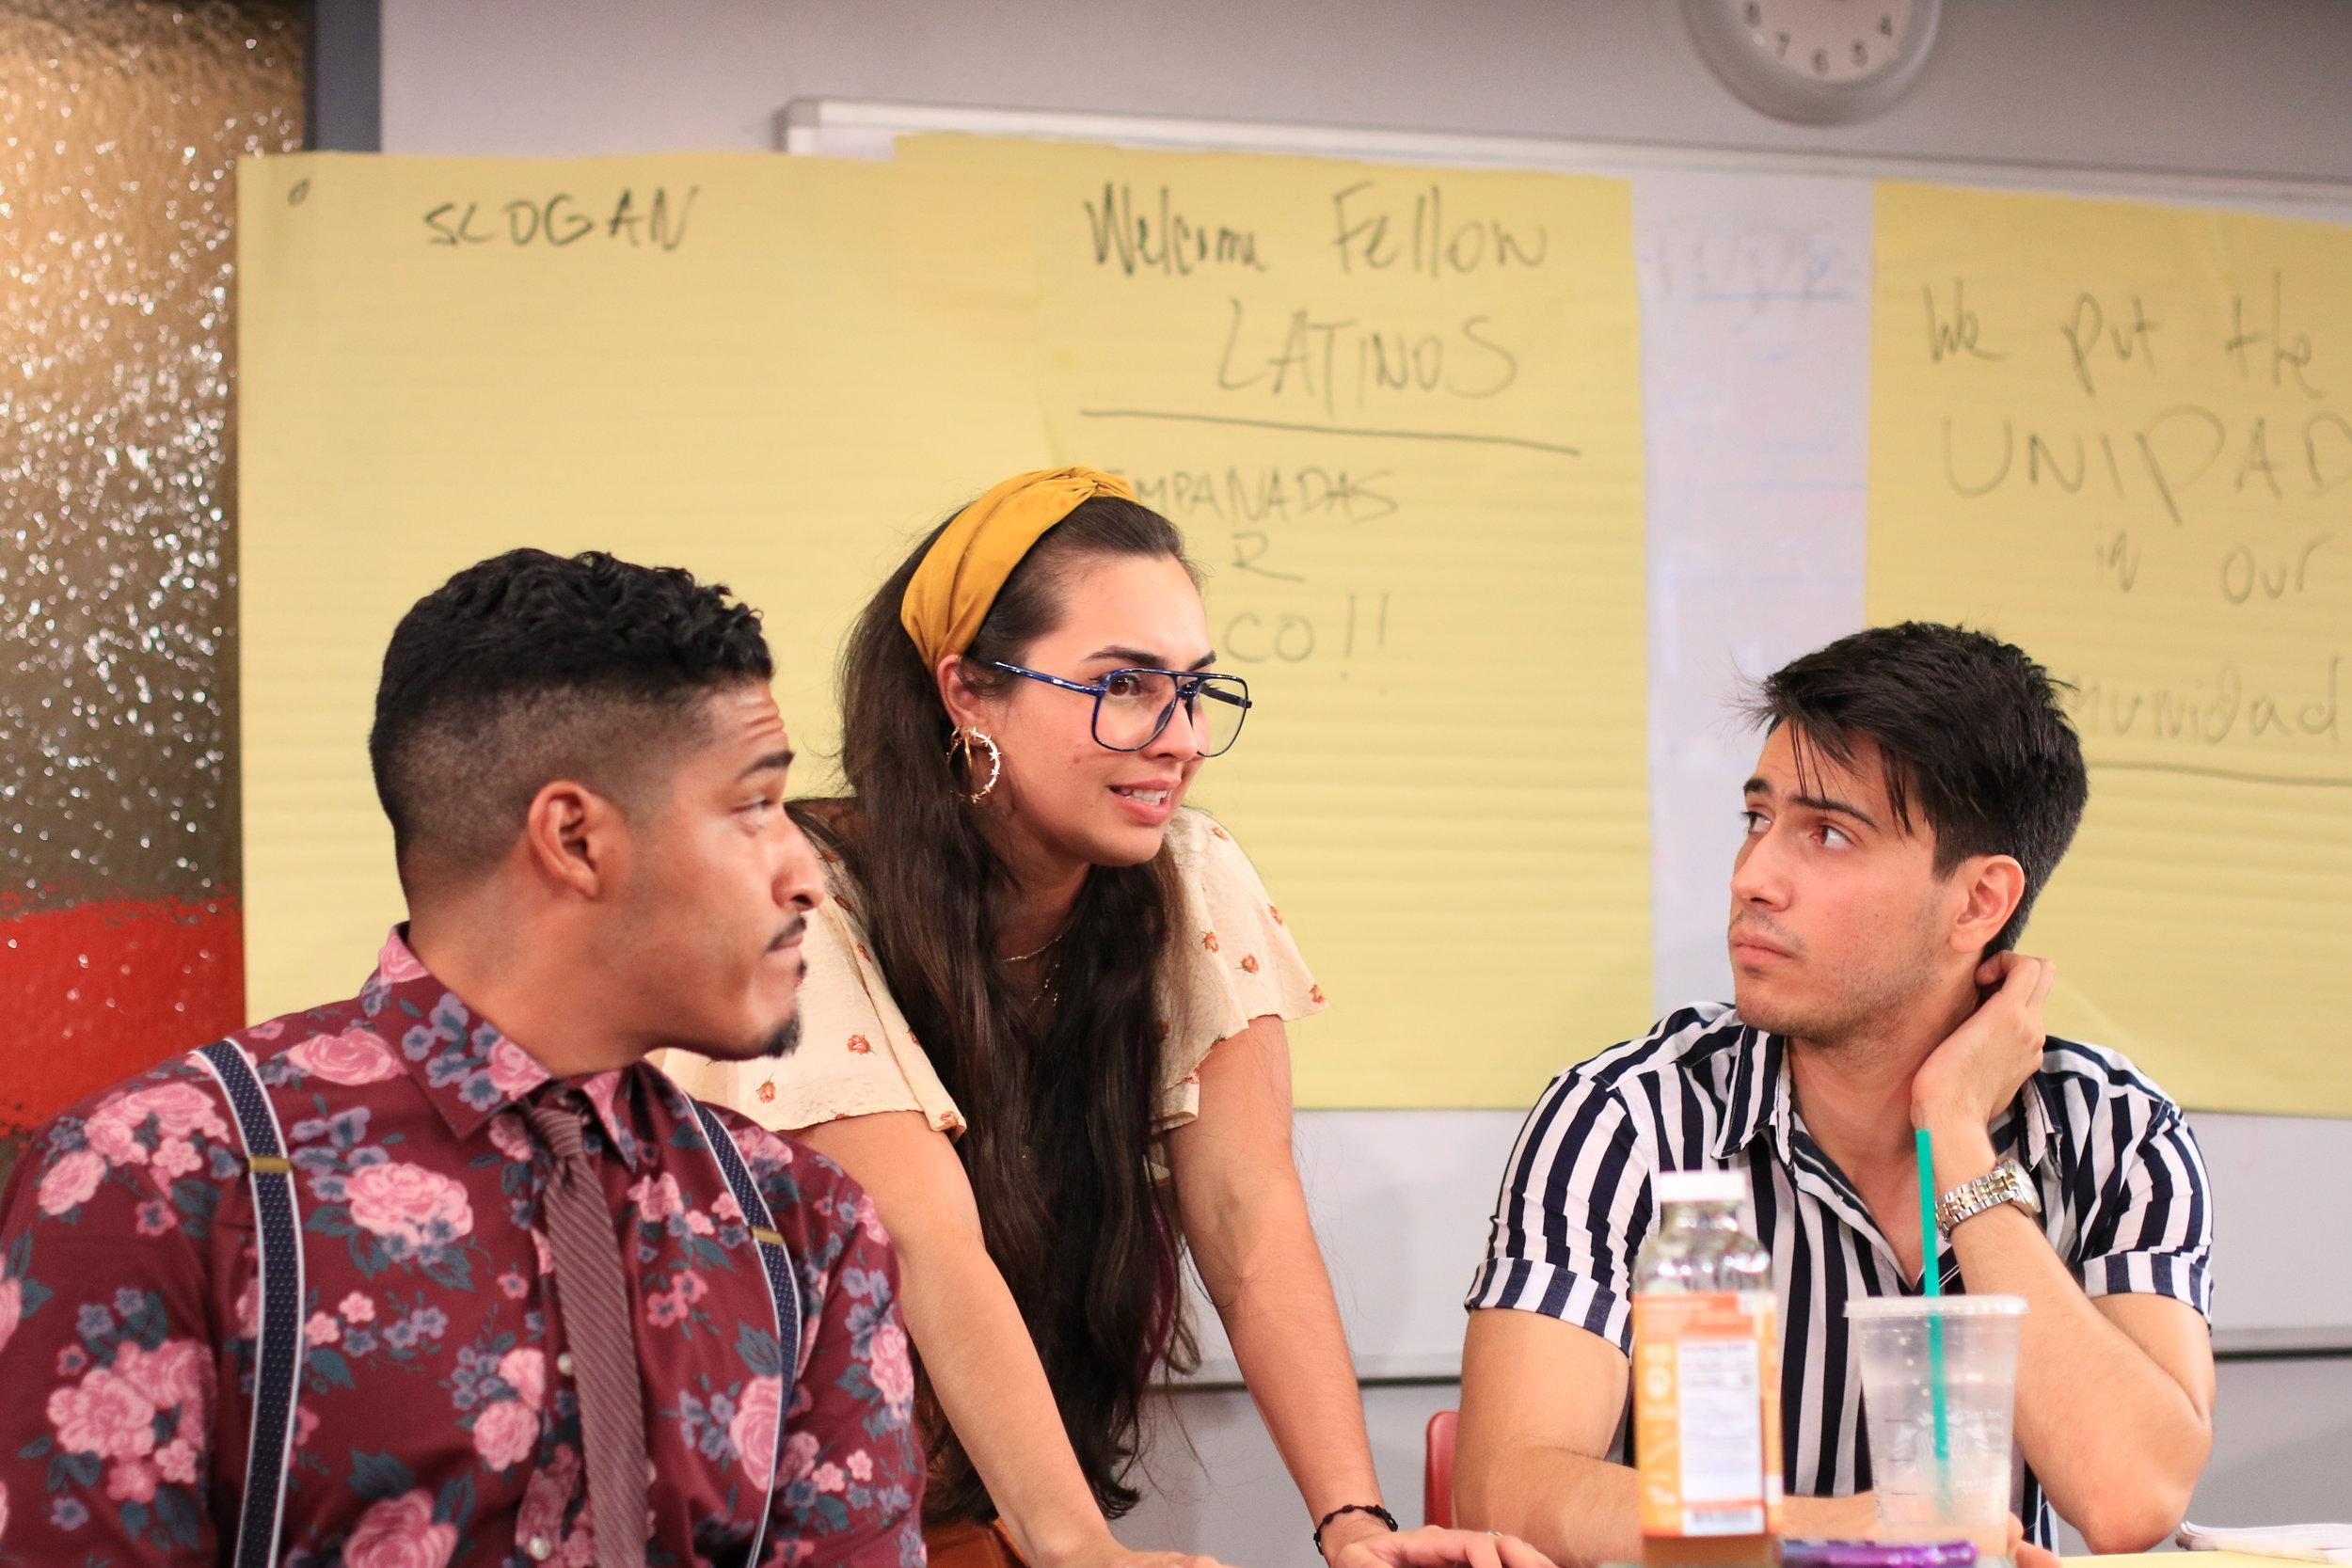 Xavier (Robert Lee Hart), Monica (Jackeline Torres Cortés), Isaac (Dario Ladani Sanchez)